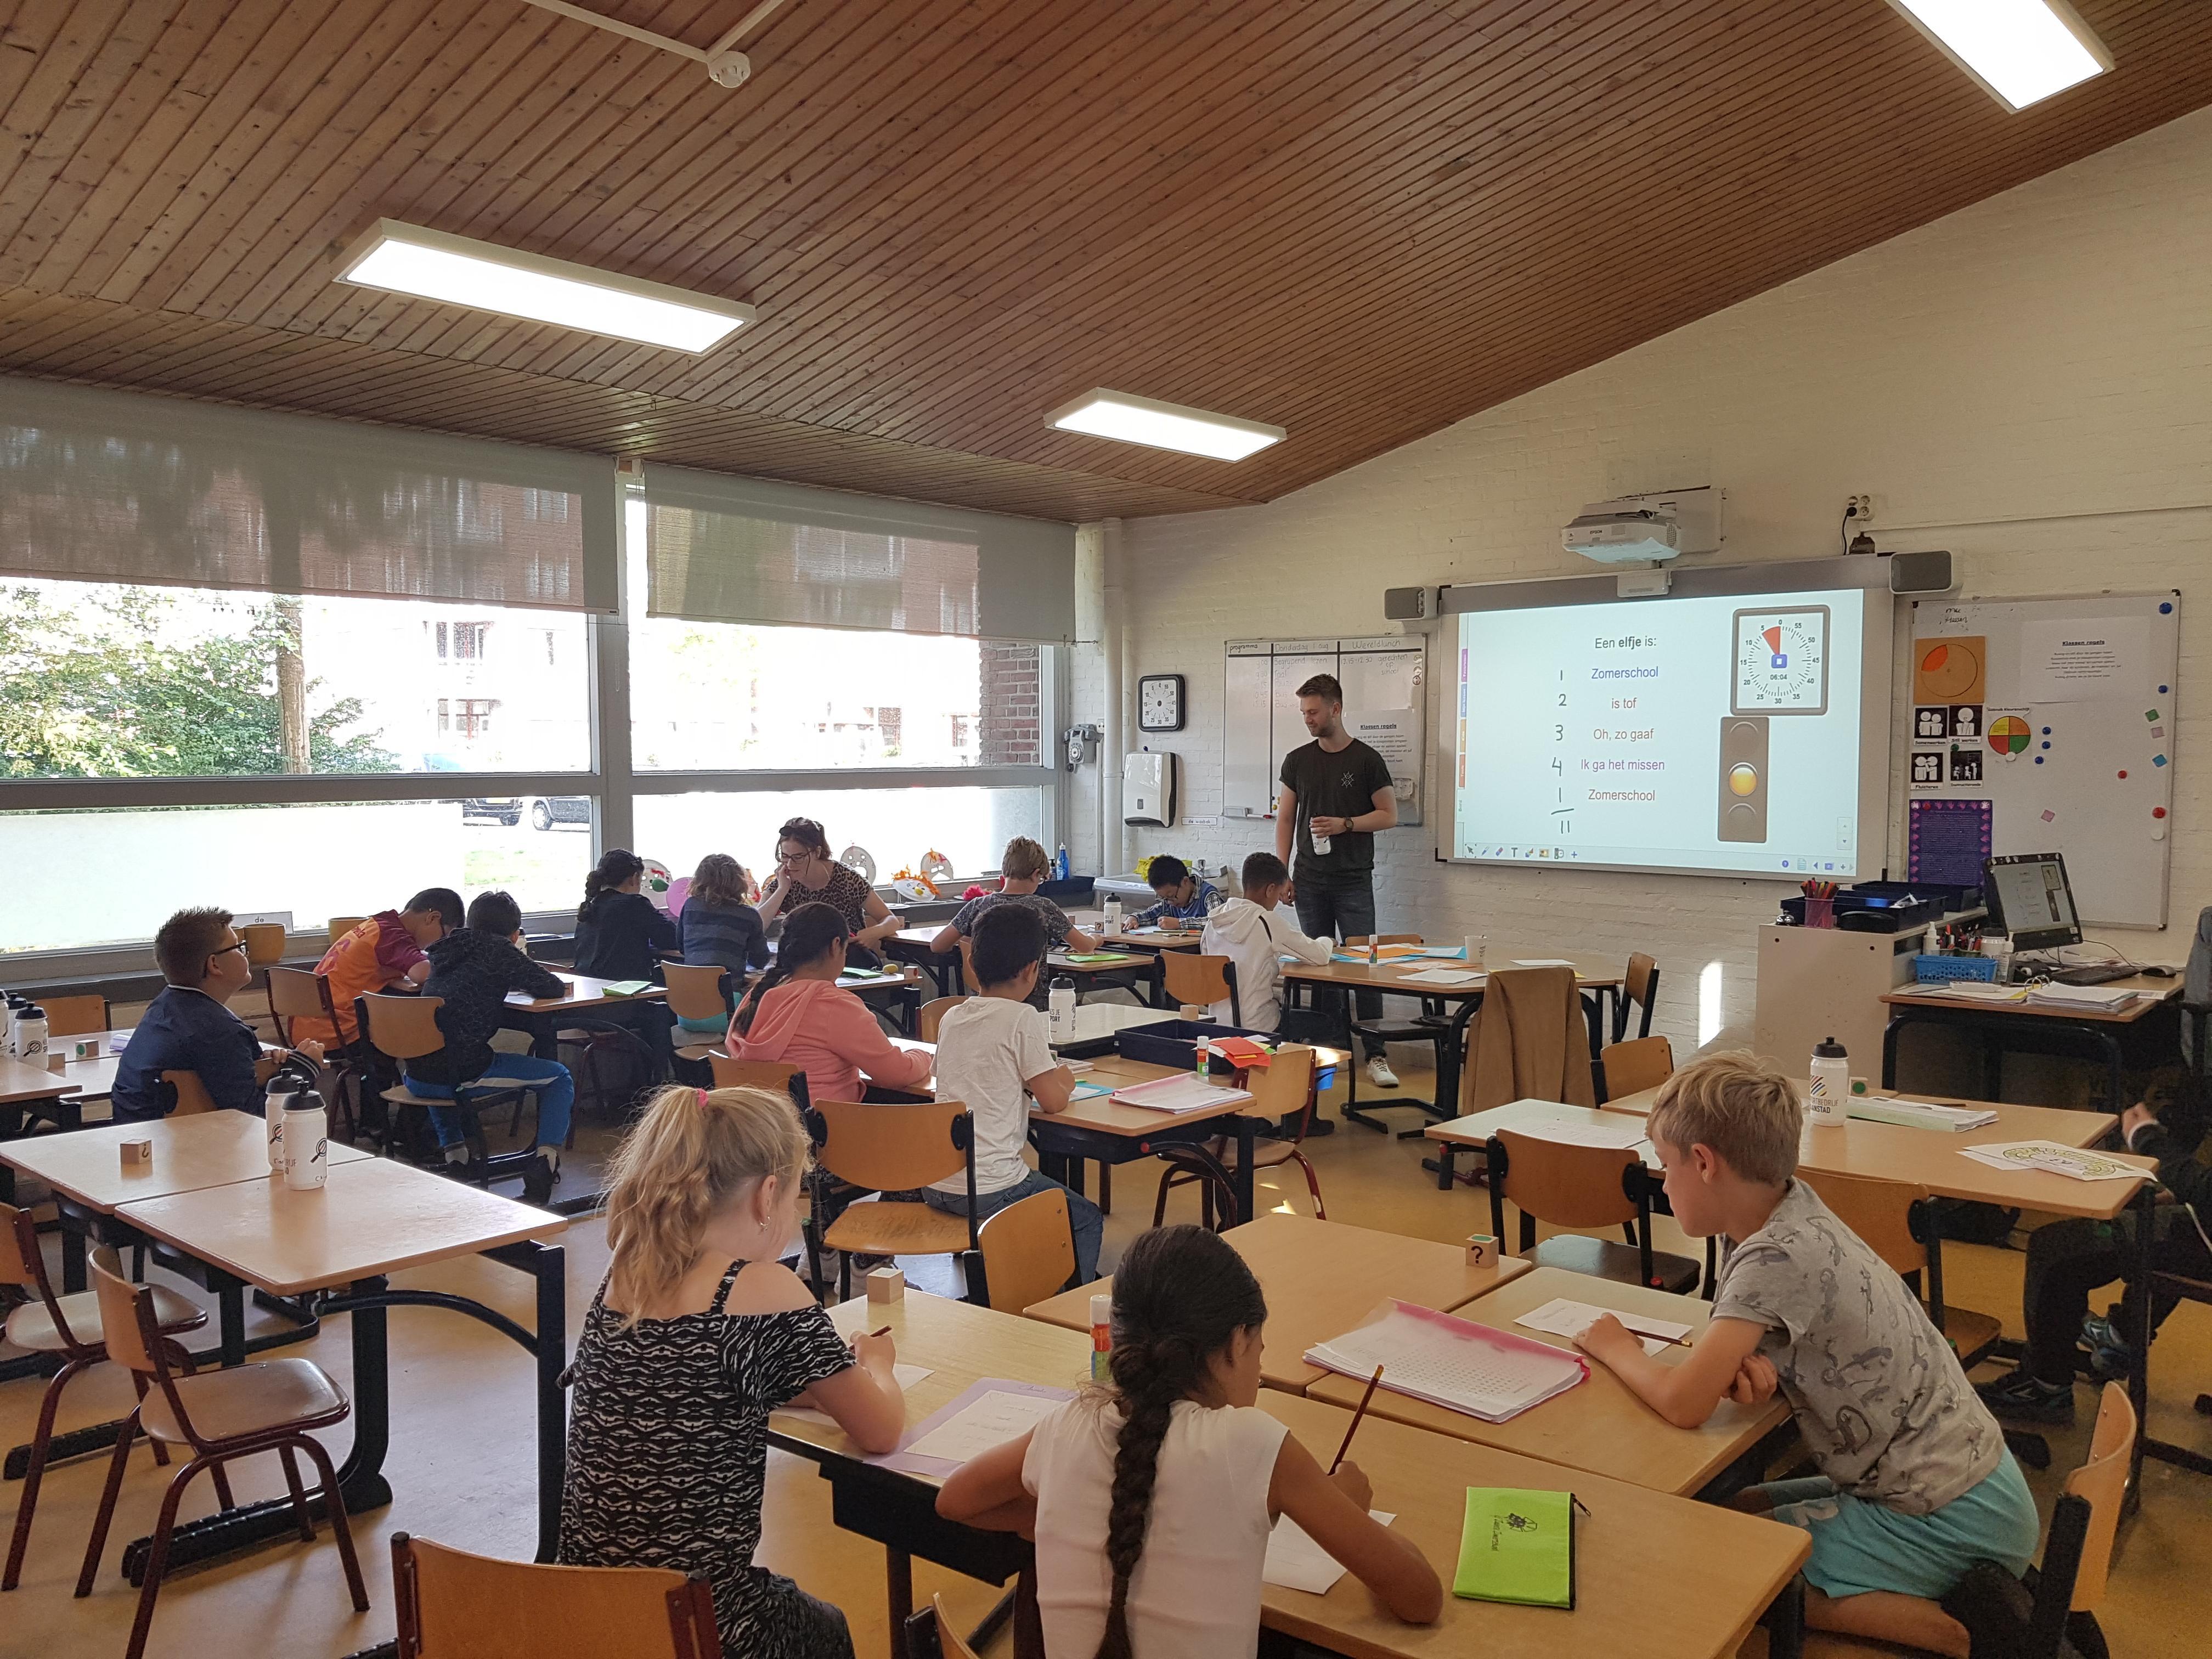 Zomerschool, vakantie vieren in klaslokaal